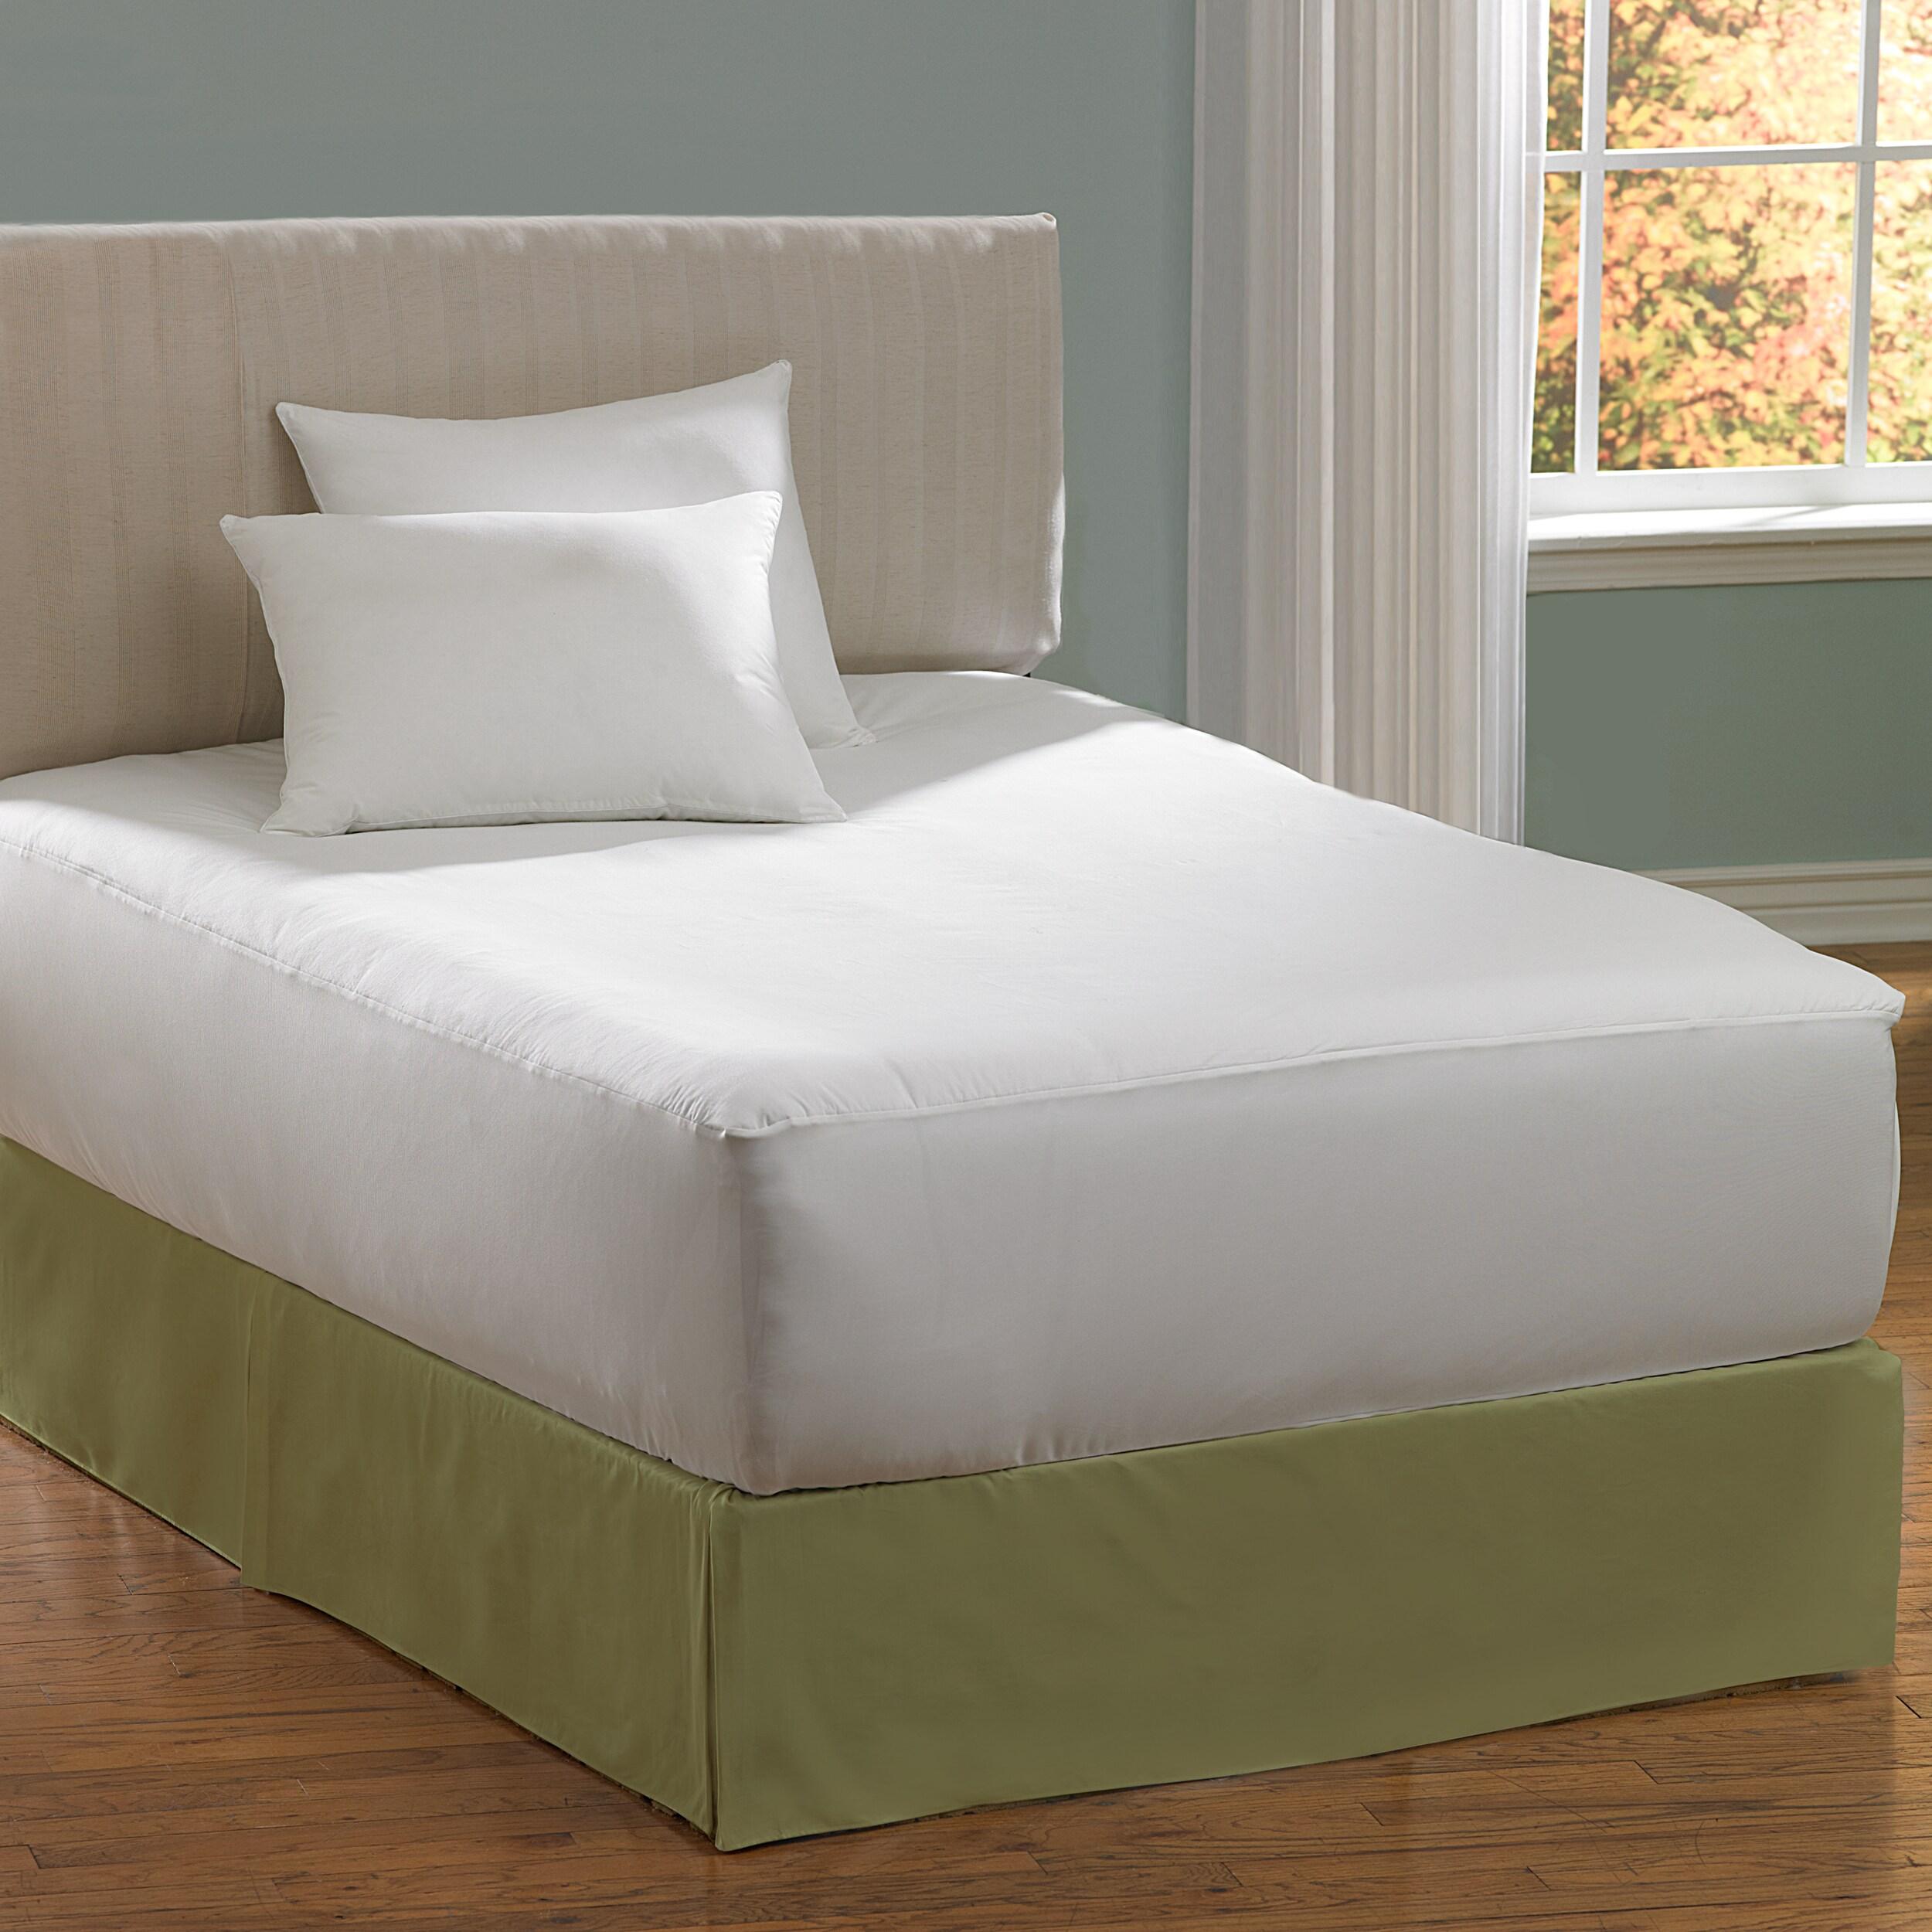 Allerease Aller-Ease Cotton Mattress Protector